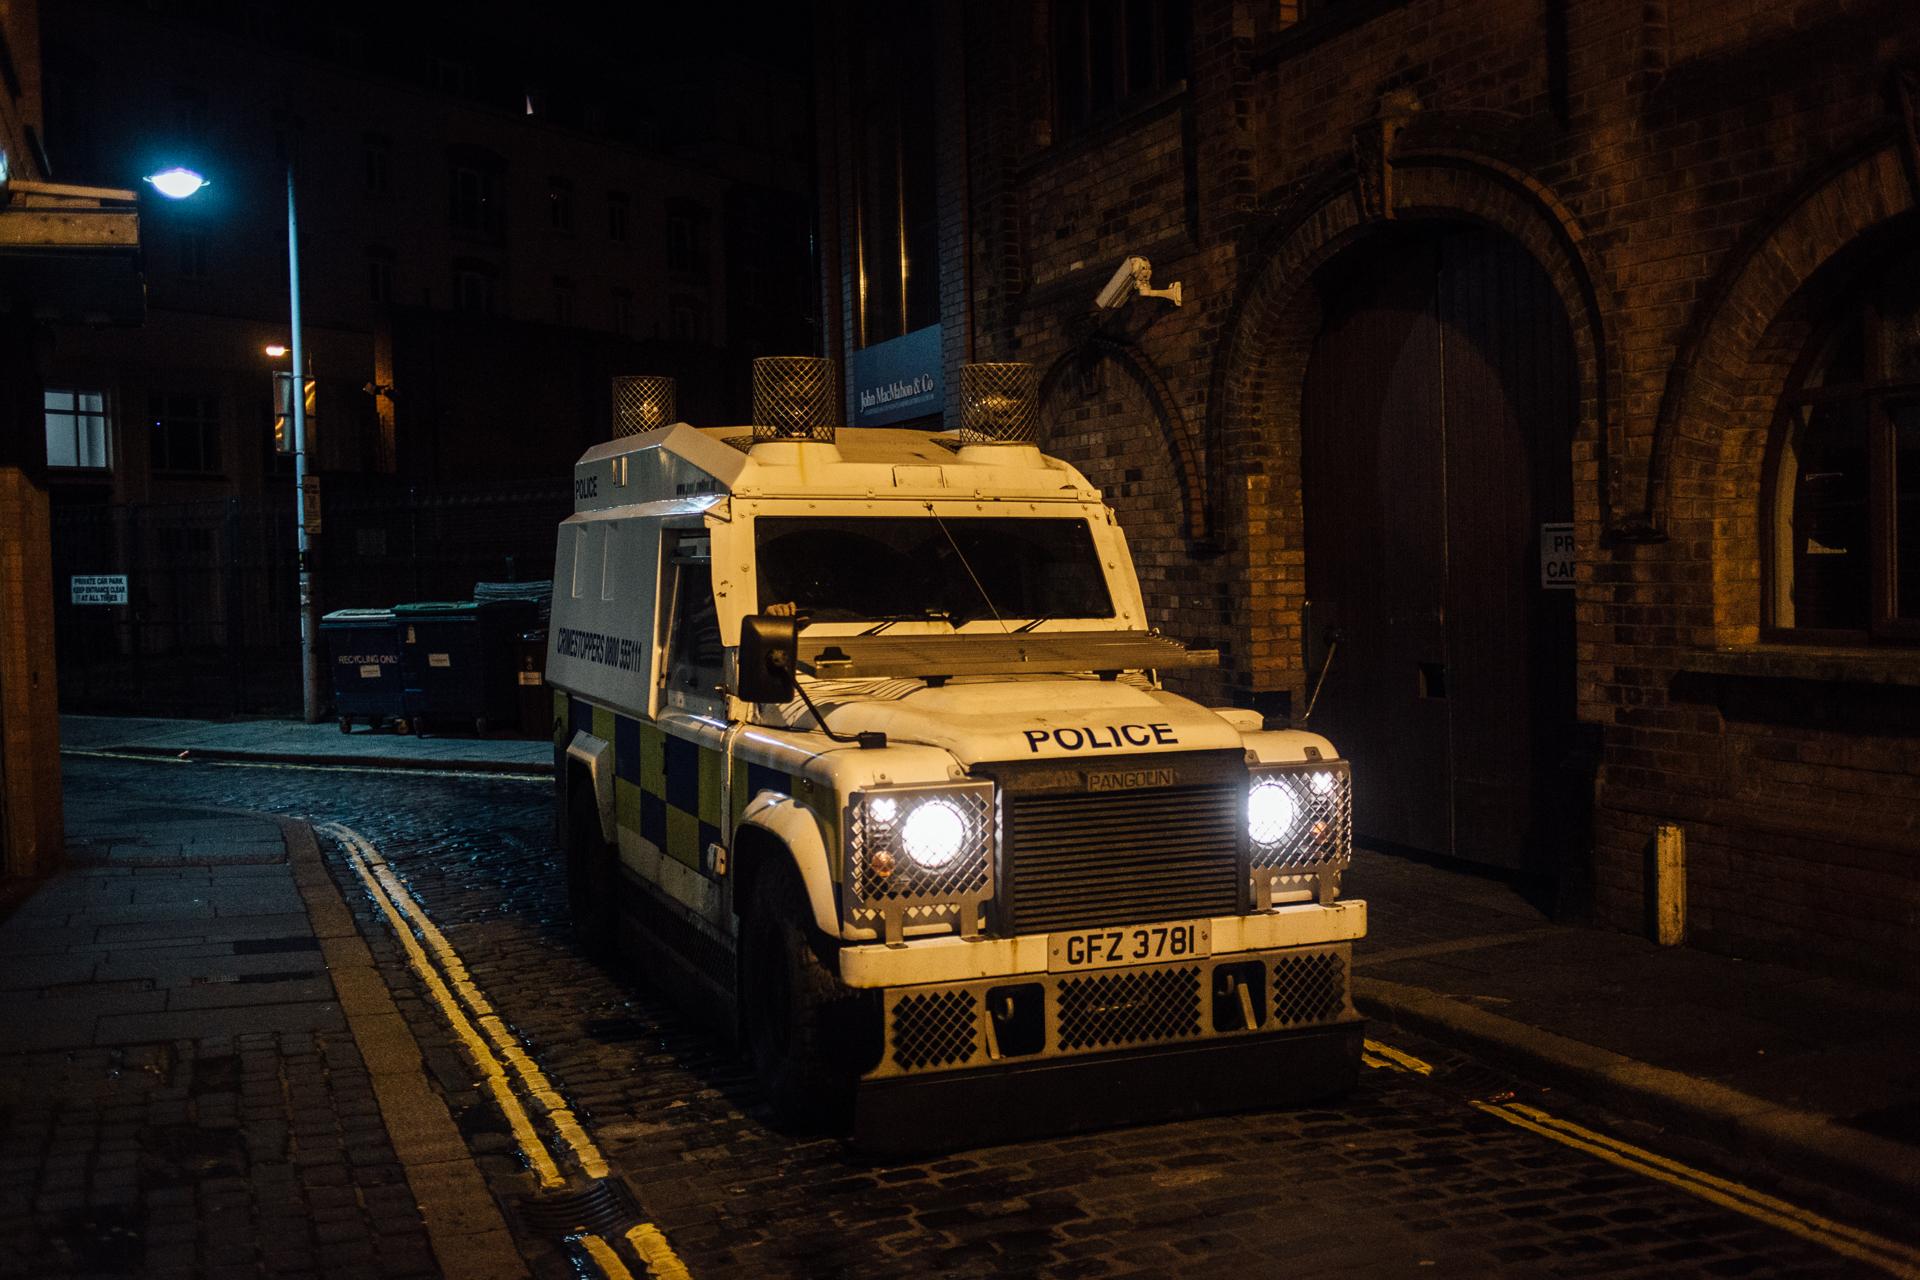 Belfast, le 23 Février 2017. Des voitures blindées sillonnent toujours la ville malgré la cessation des hostilités.